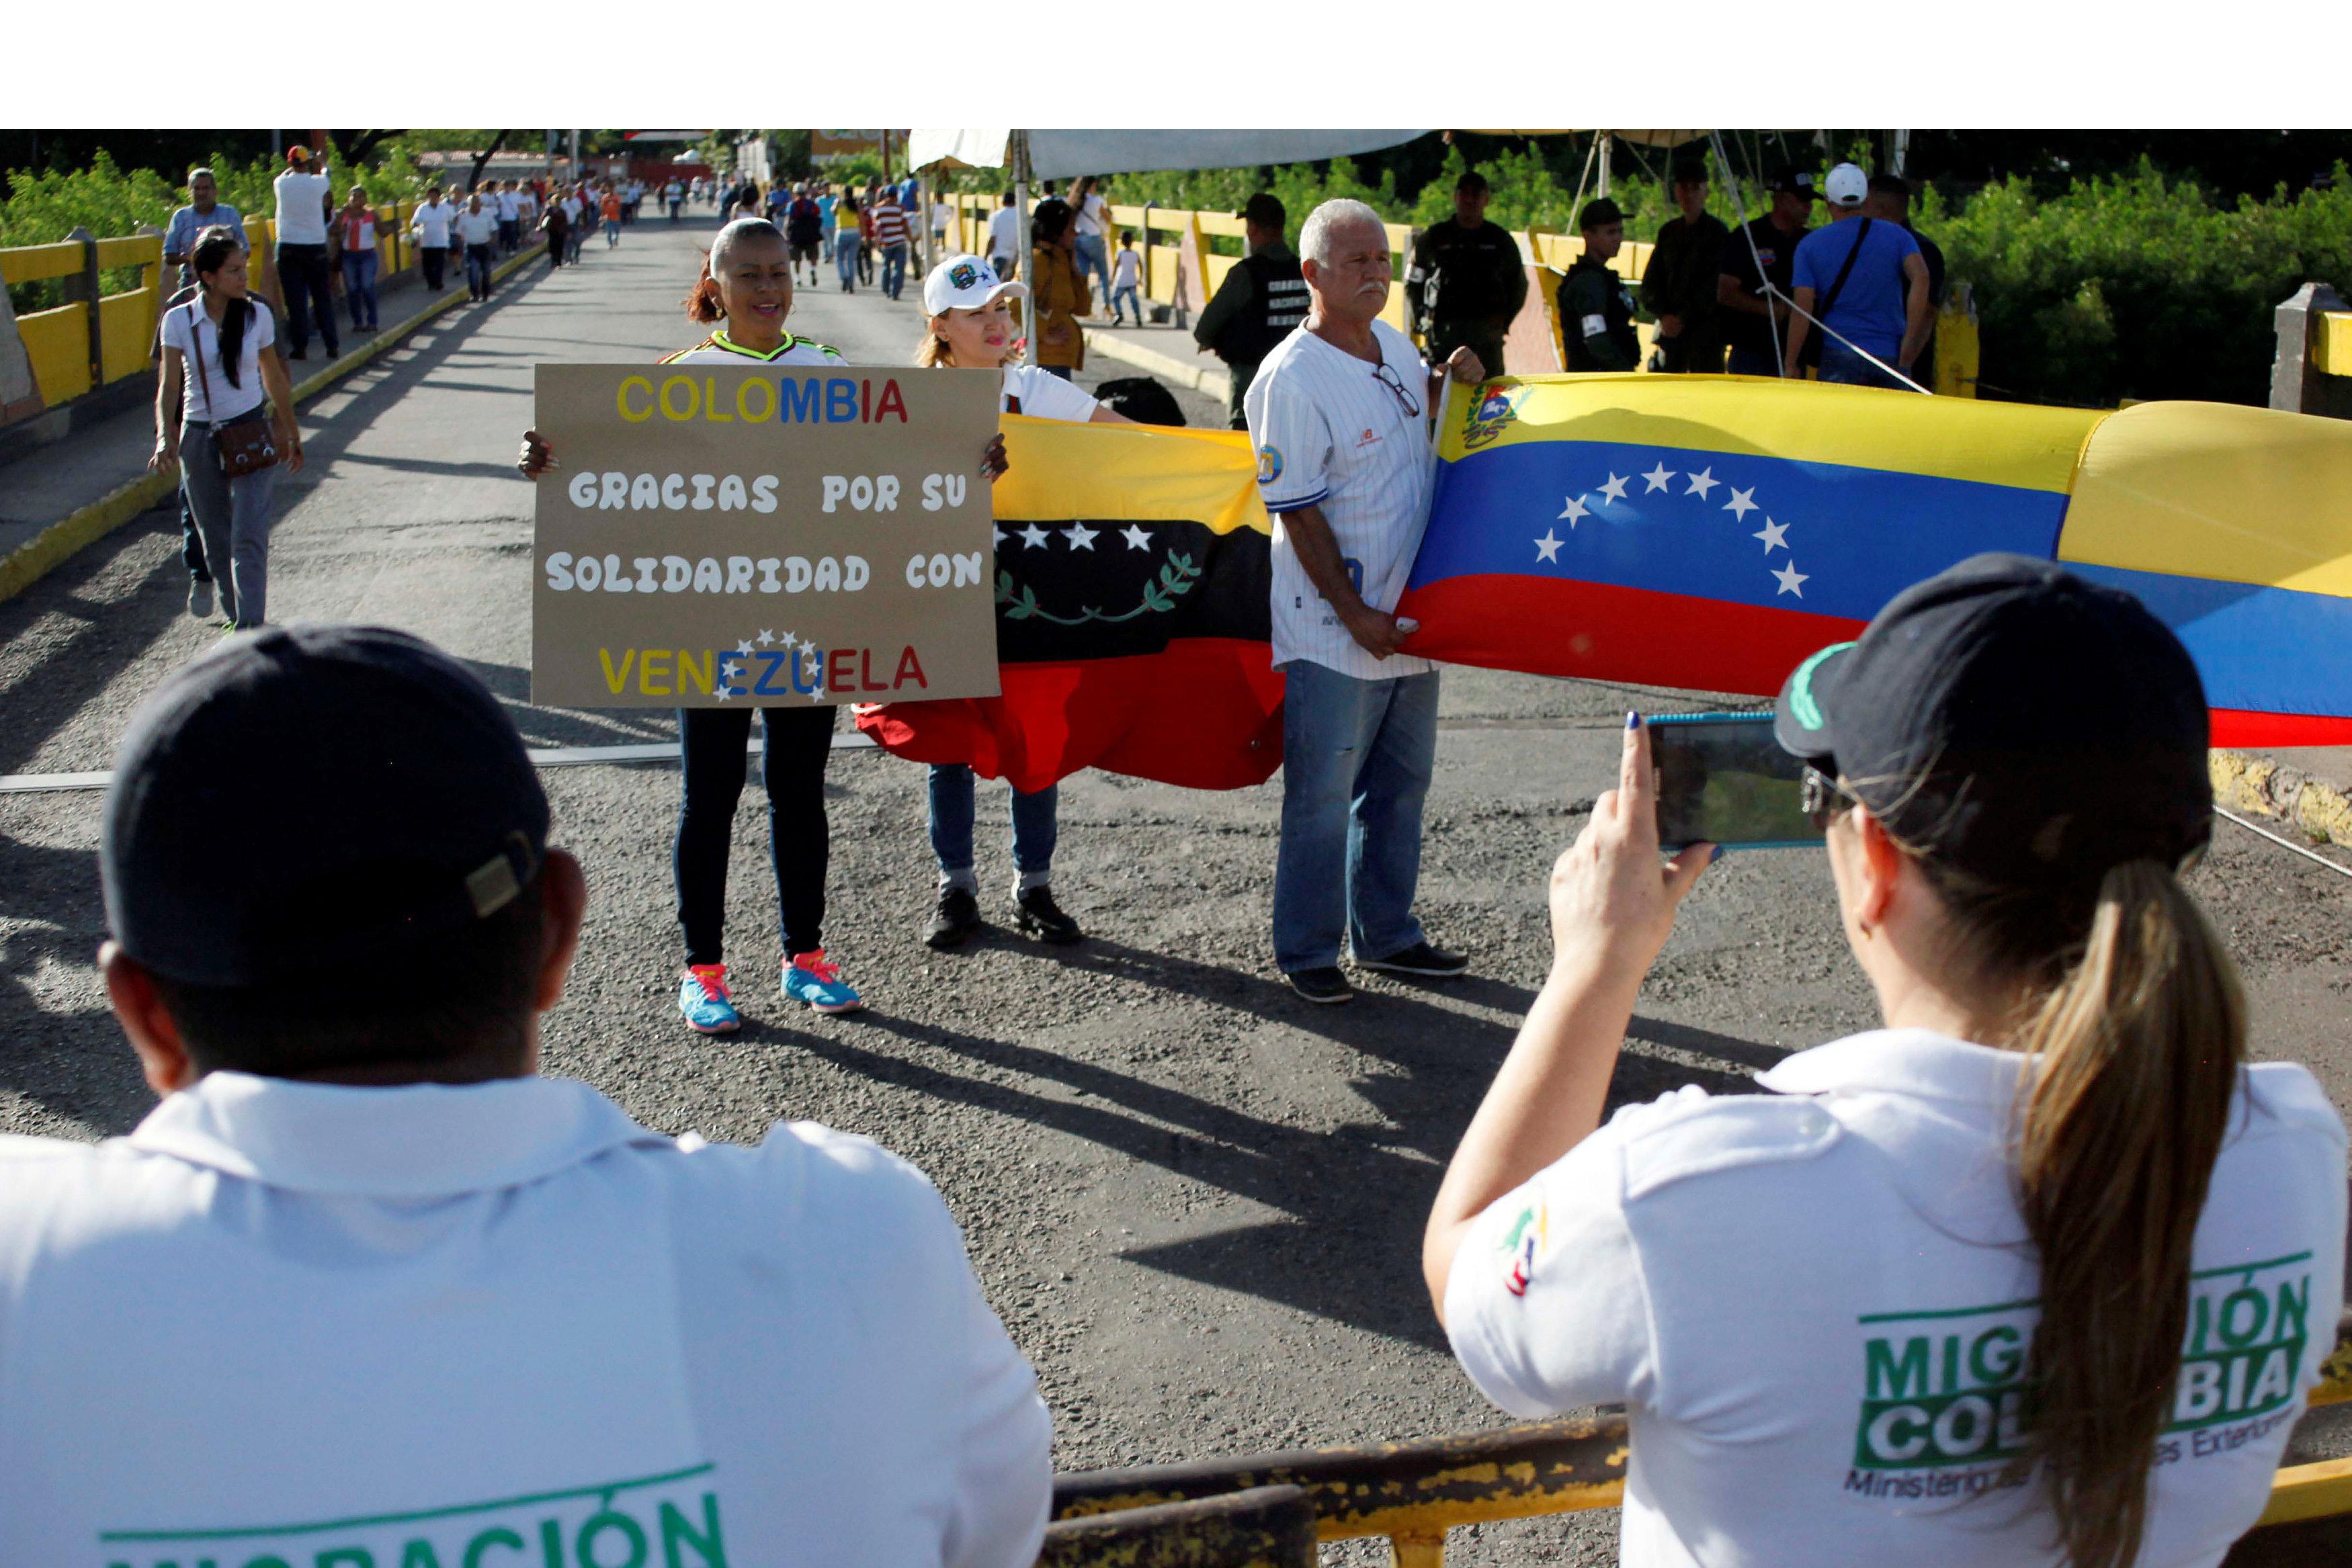 Miles de venezolanos se fueron a la hermana república de Colombia a realizar compras necesarias durante este domingo